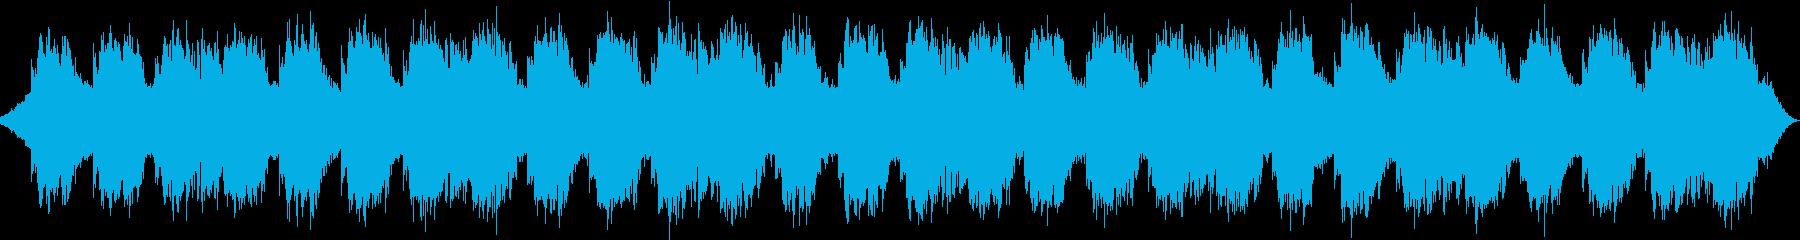 心安らぐ自然音と音楽のコラボレーションの再生済みの波形